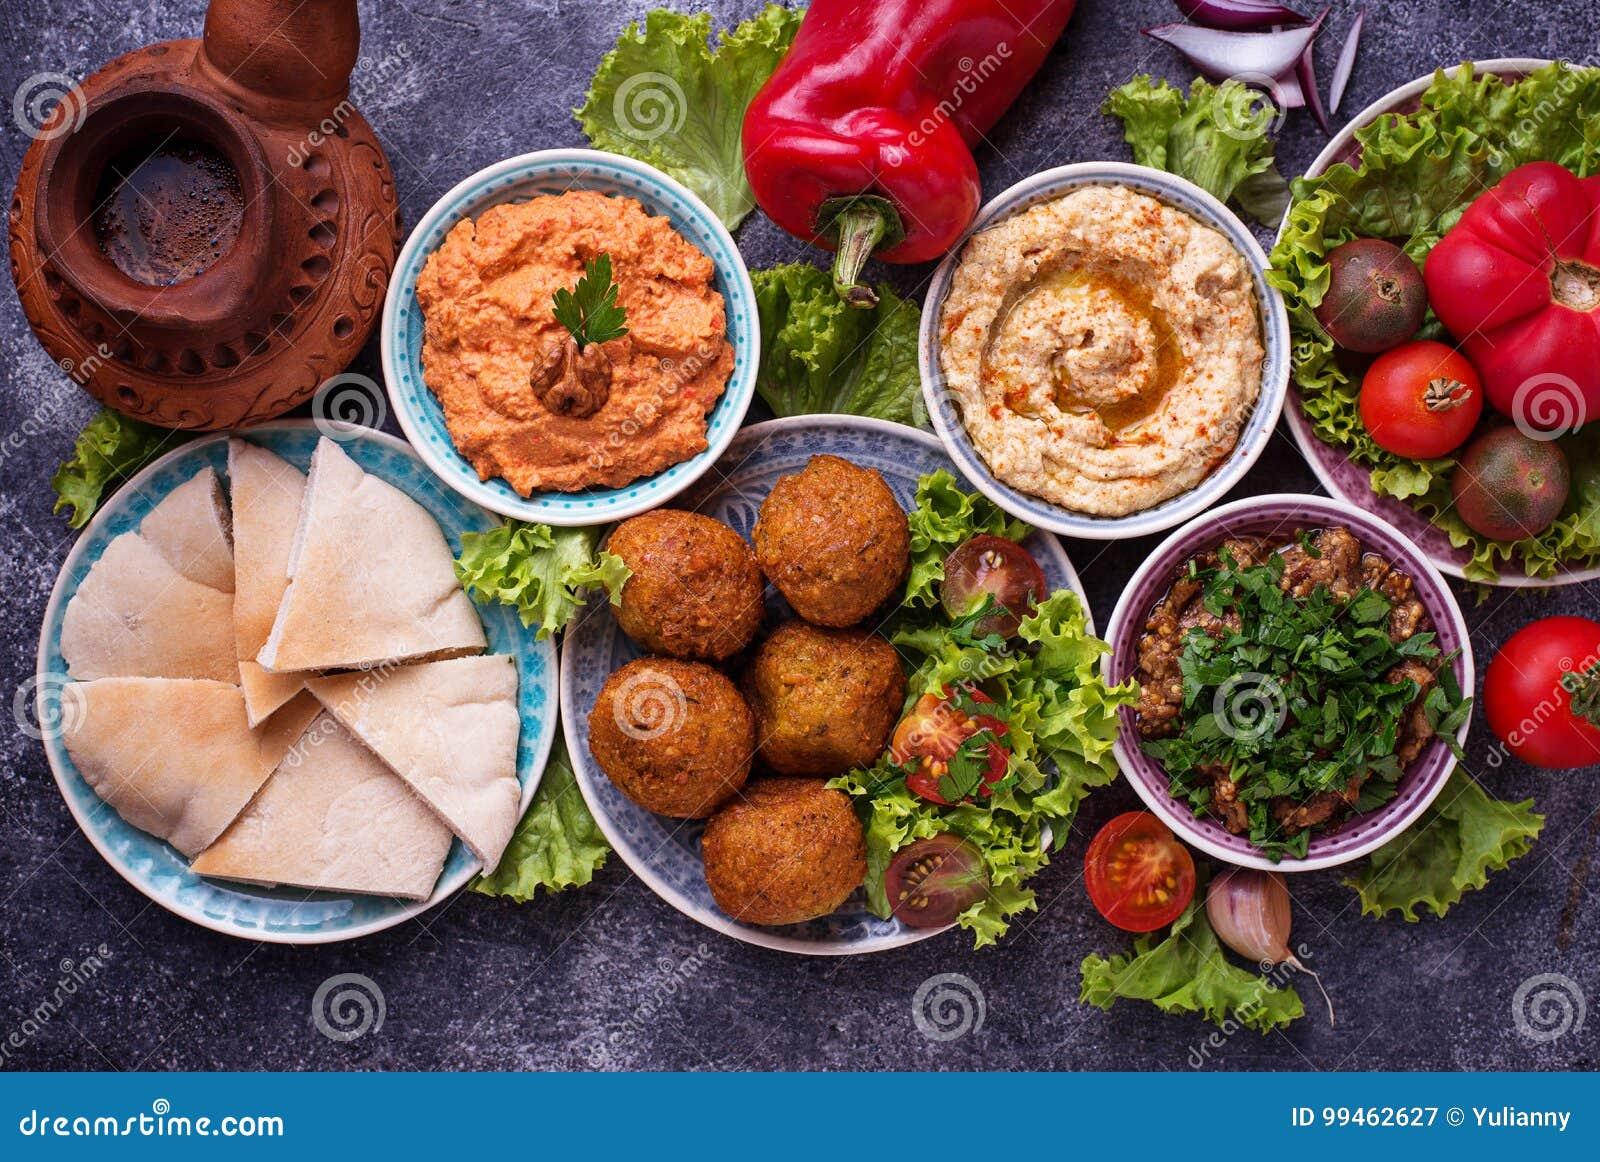 Seleção de pratos do Oriente Médio ou árabes